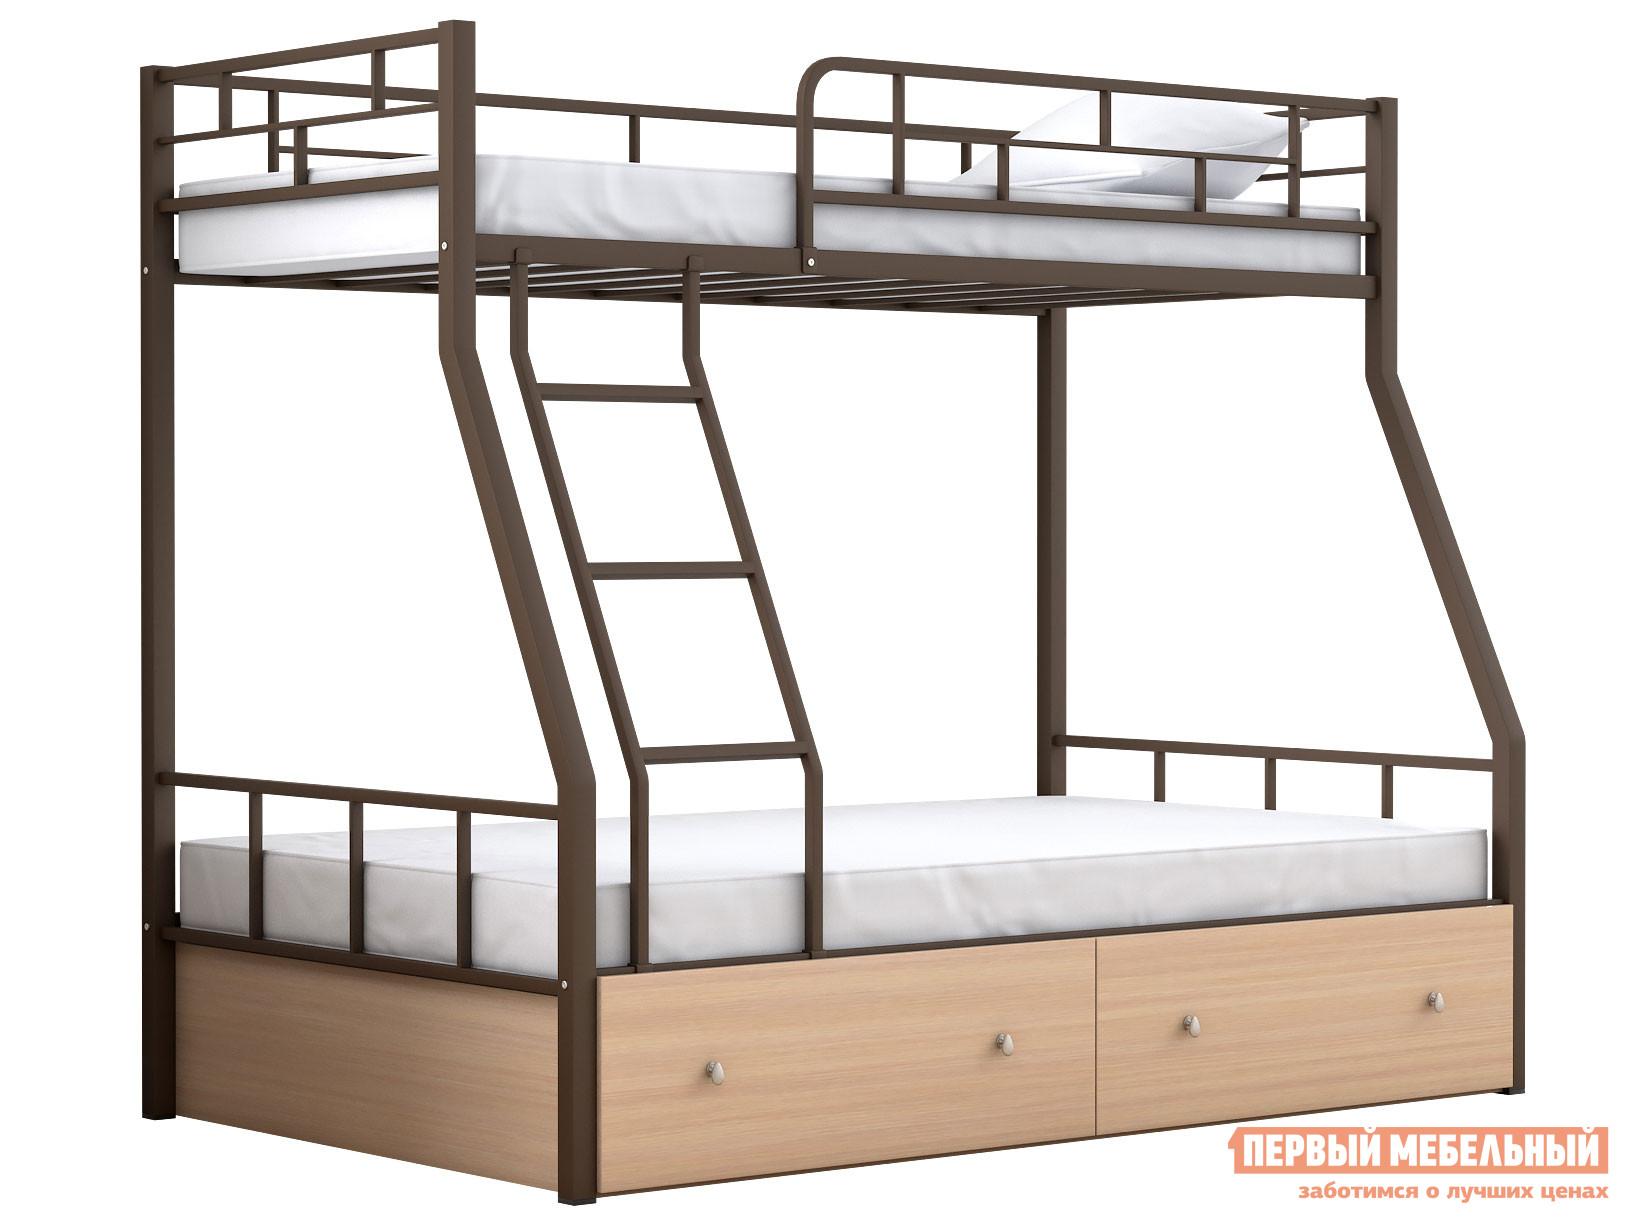 Двухъярусная кровать МФ 4 Сезона Двухъярусная детская кровать Раута с ящиками